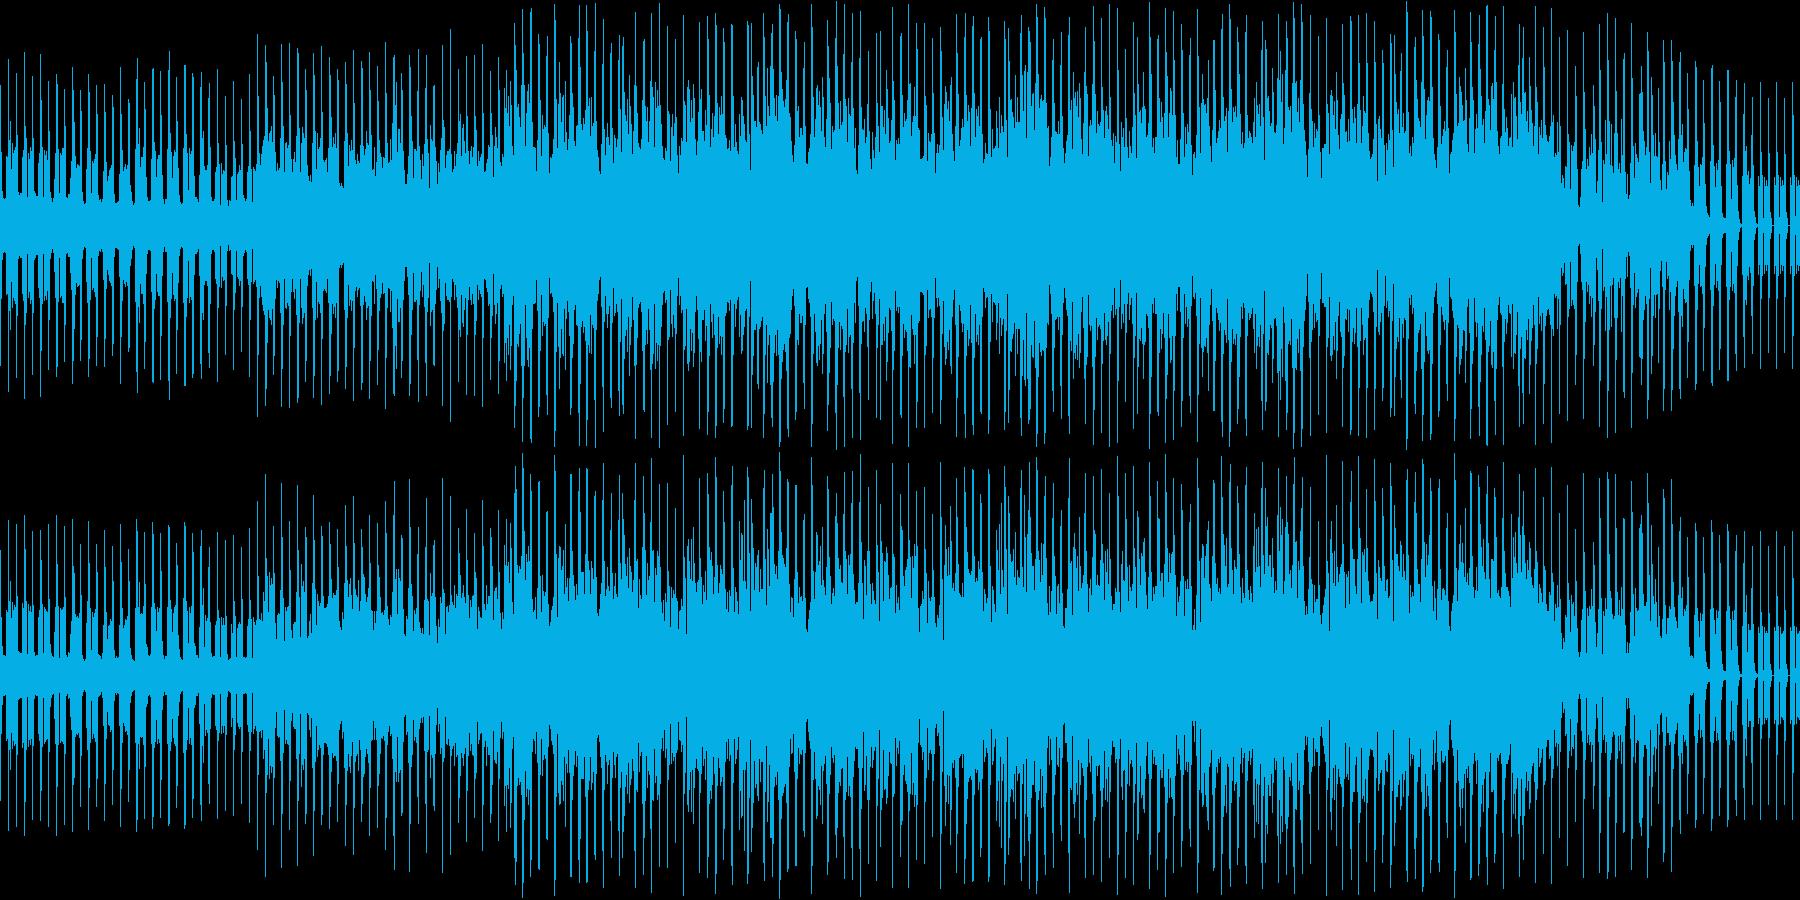 ピアノとシンセとコーラスの落ち着いた曲調の再生済みの波形